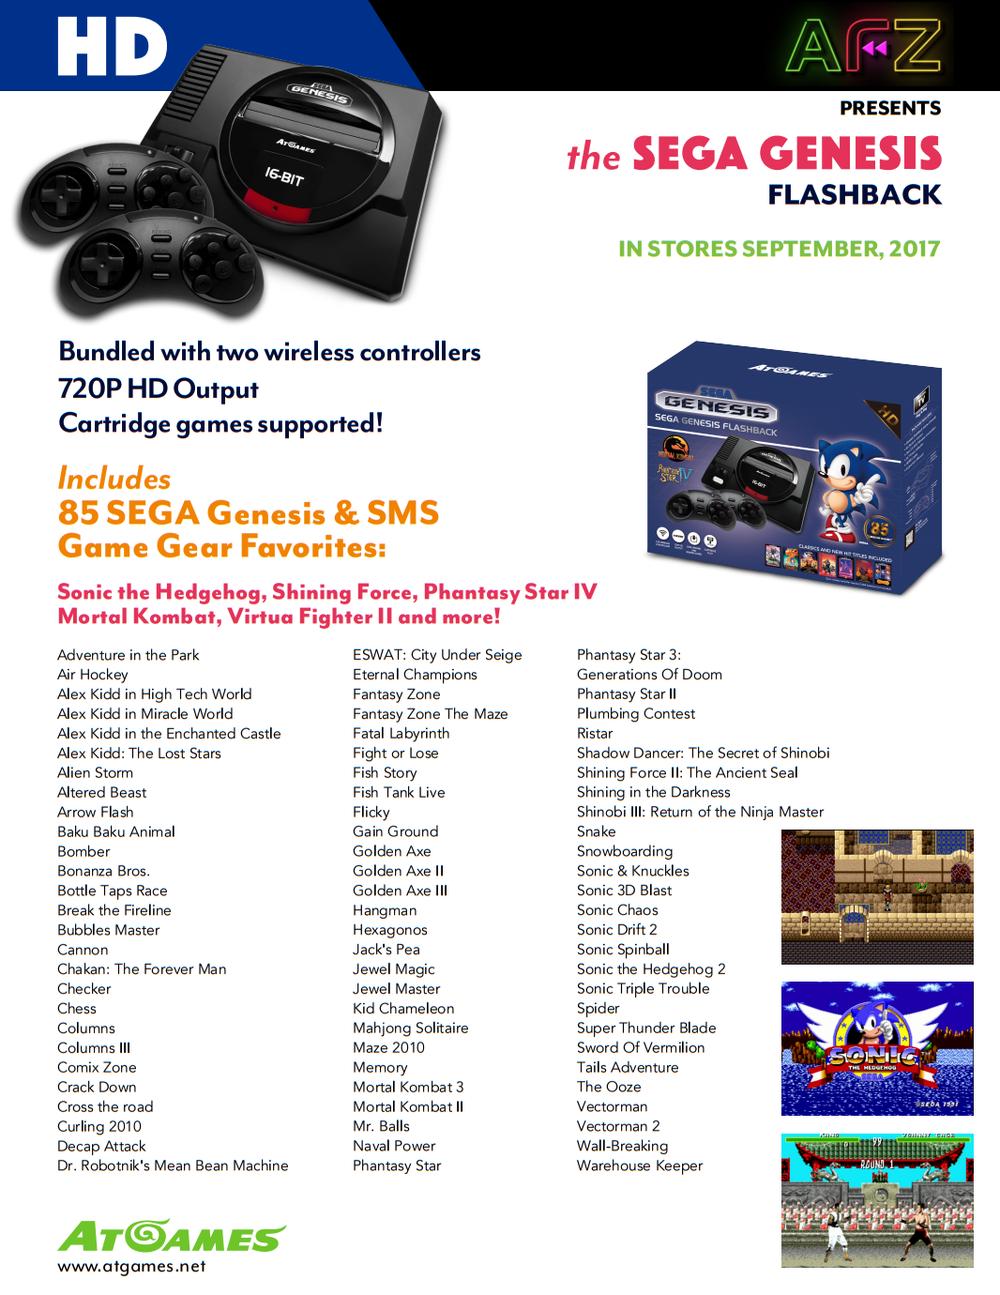 Sega Genesis Flashback.png